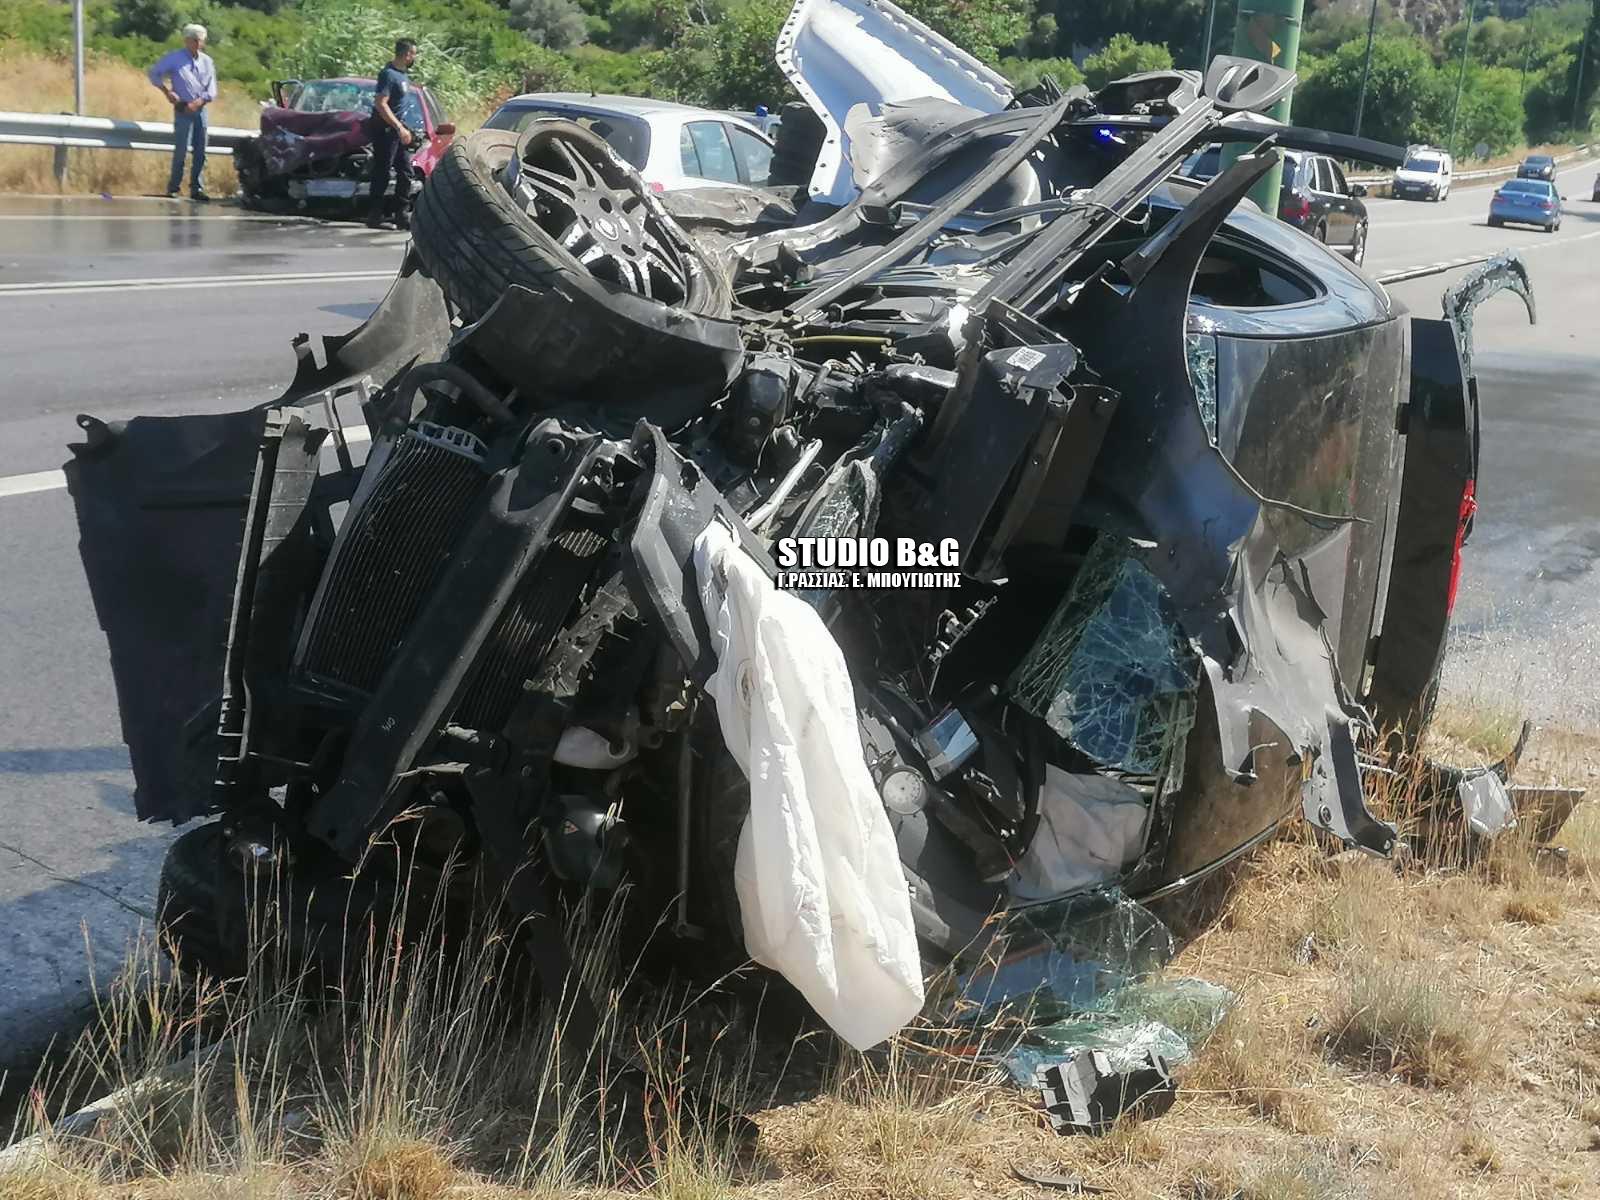 Αργολίδα: Σοκαριστικό τροχαίο με έναν νεκρό – Άμορφη μάζα τα αυτοκίνητα (pics)